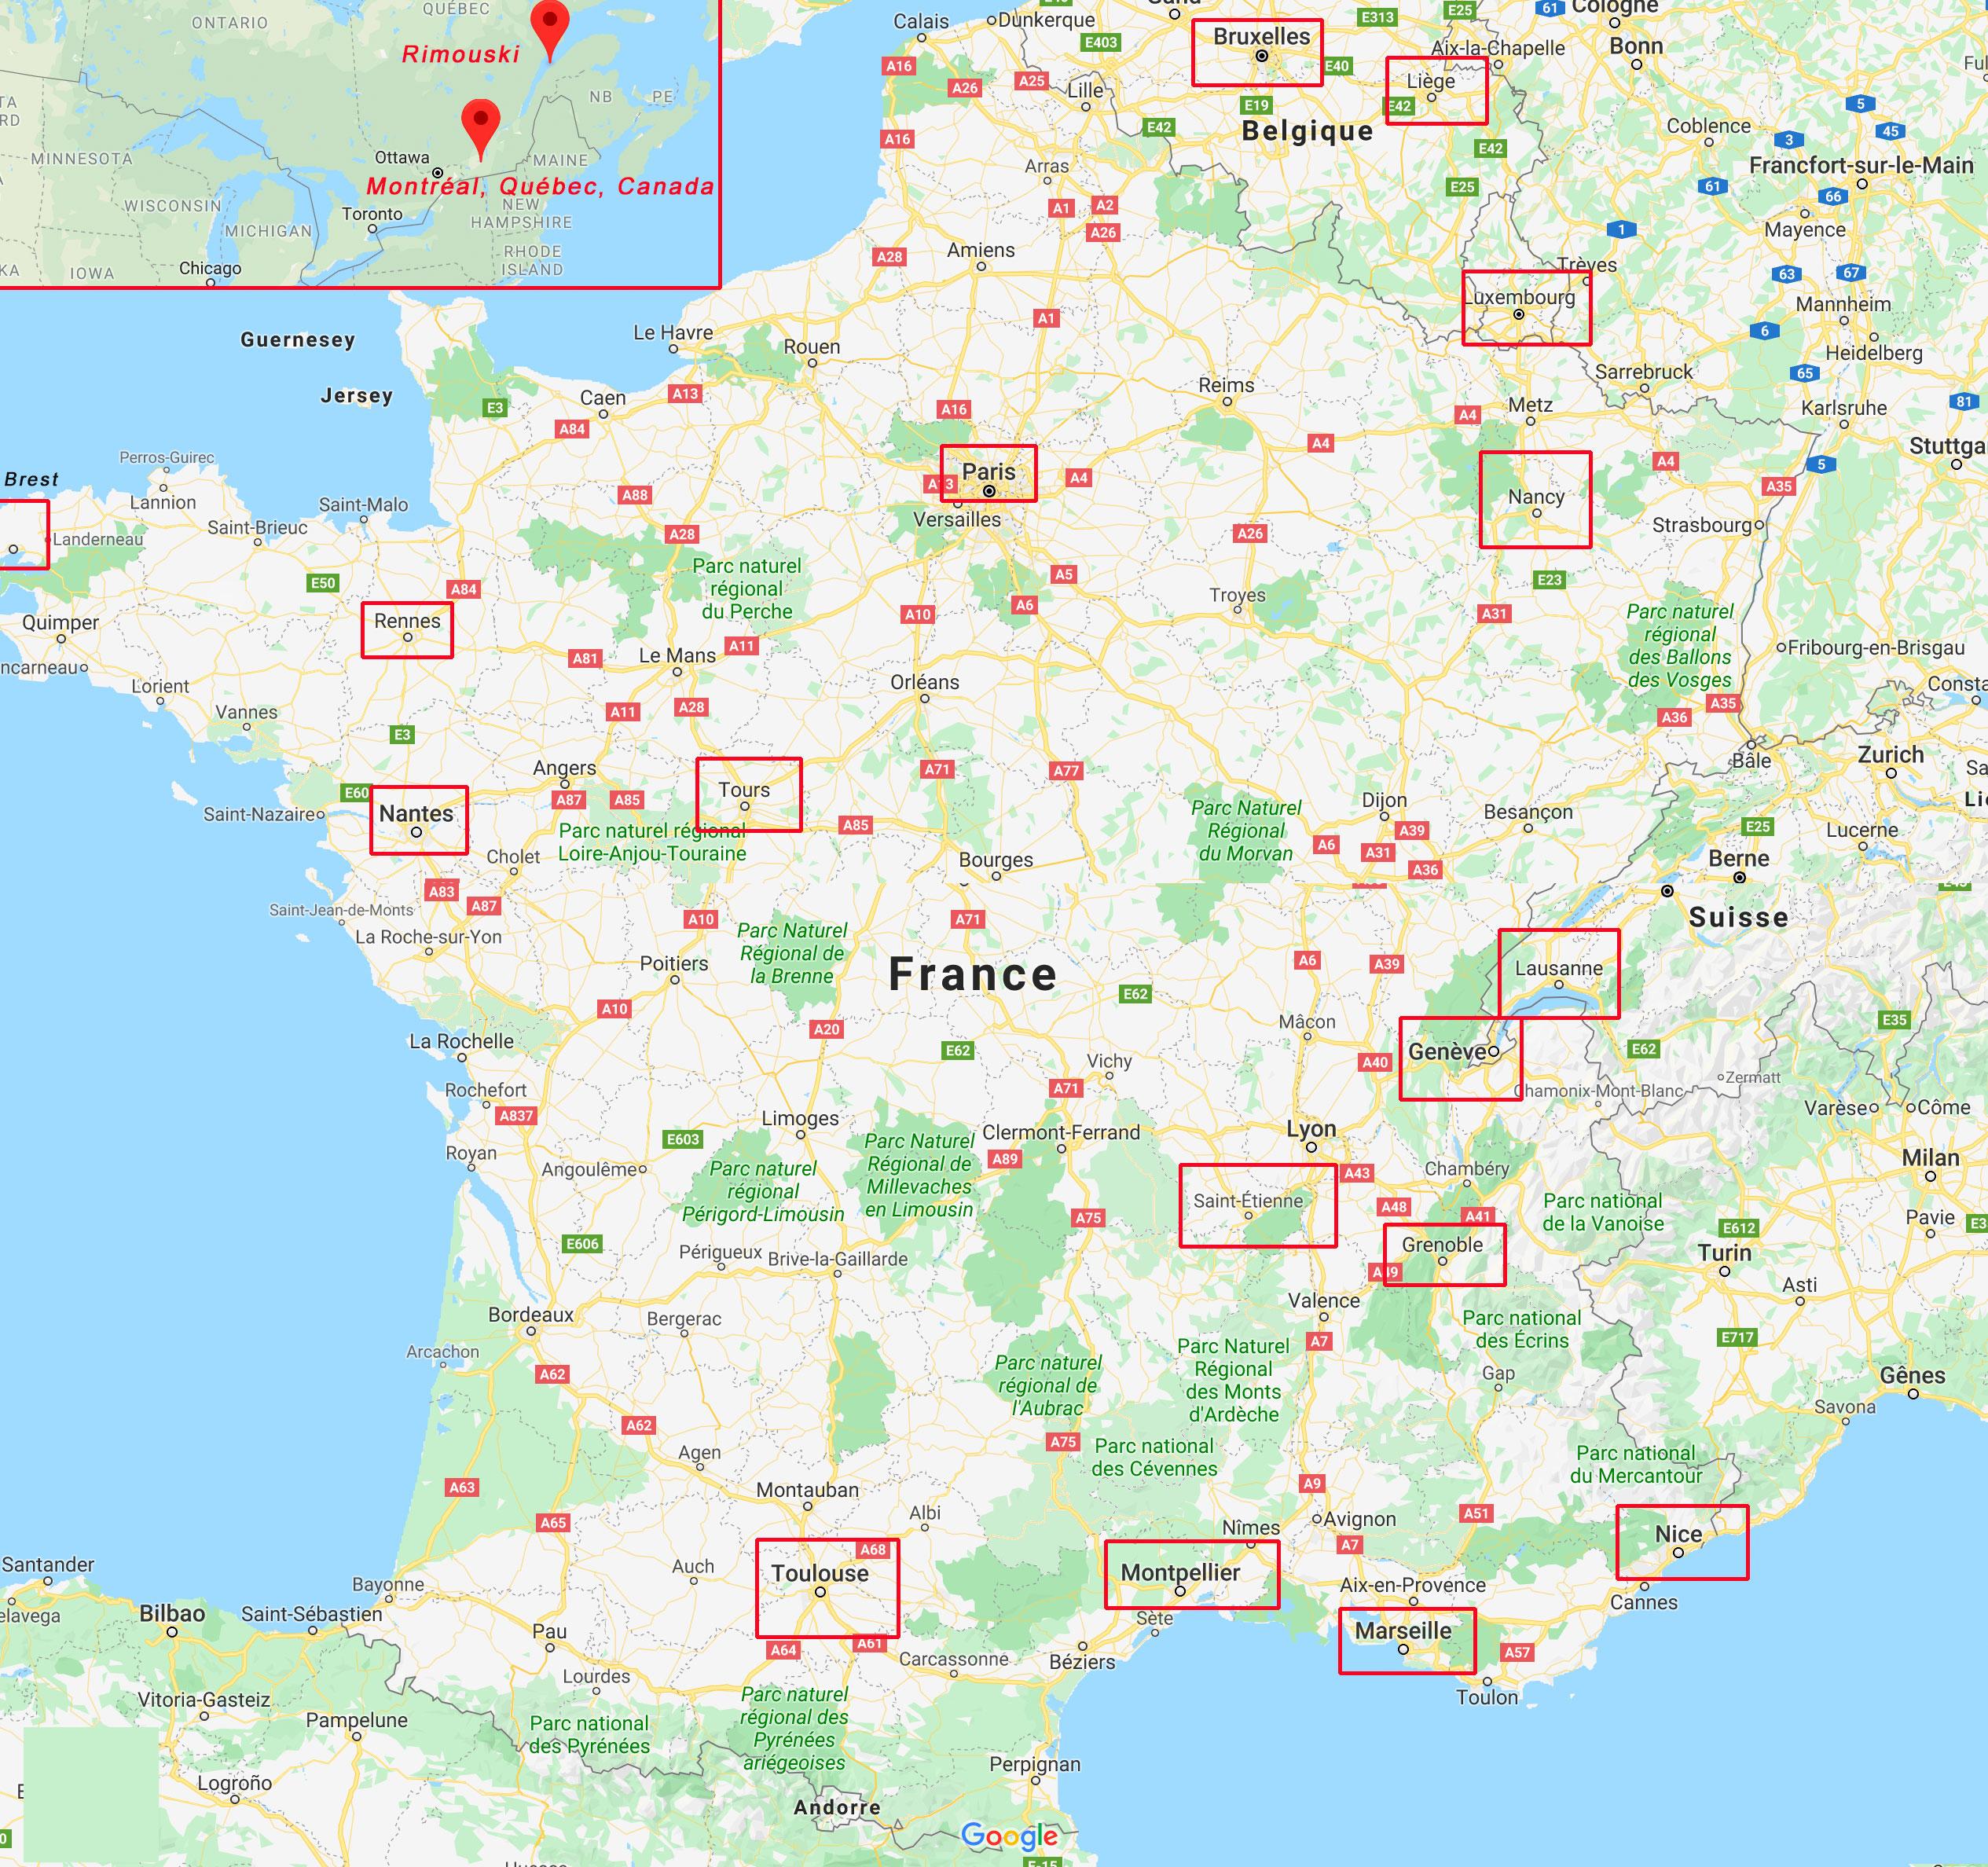 Carte_des-projets_et_equipes_impliquees_15102019